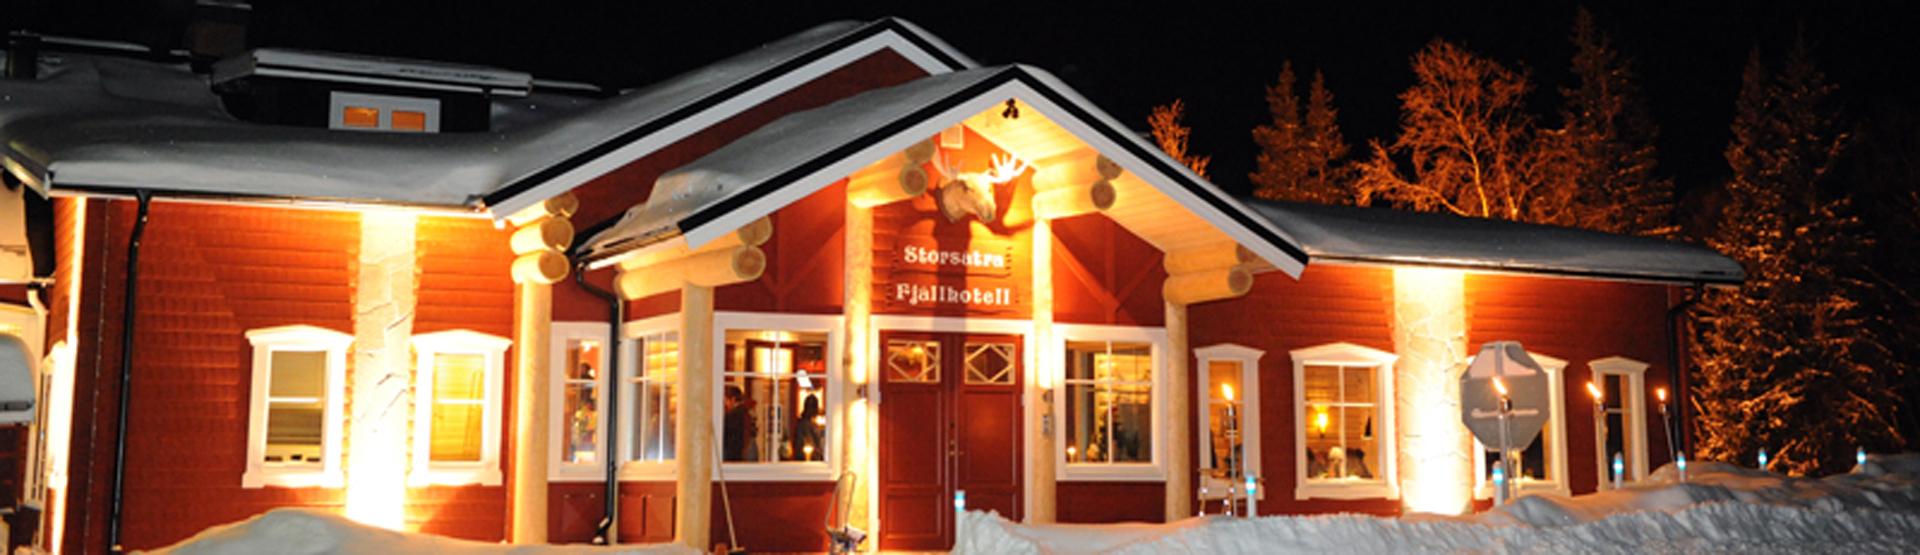 weihnachtsreise schweden urlaub ber weihnachten im. Black Bedroom Furniture Sets. Home Design Ideas